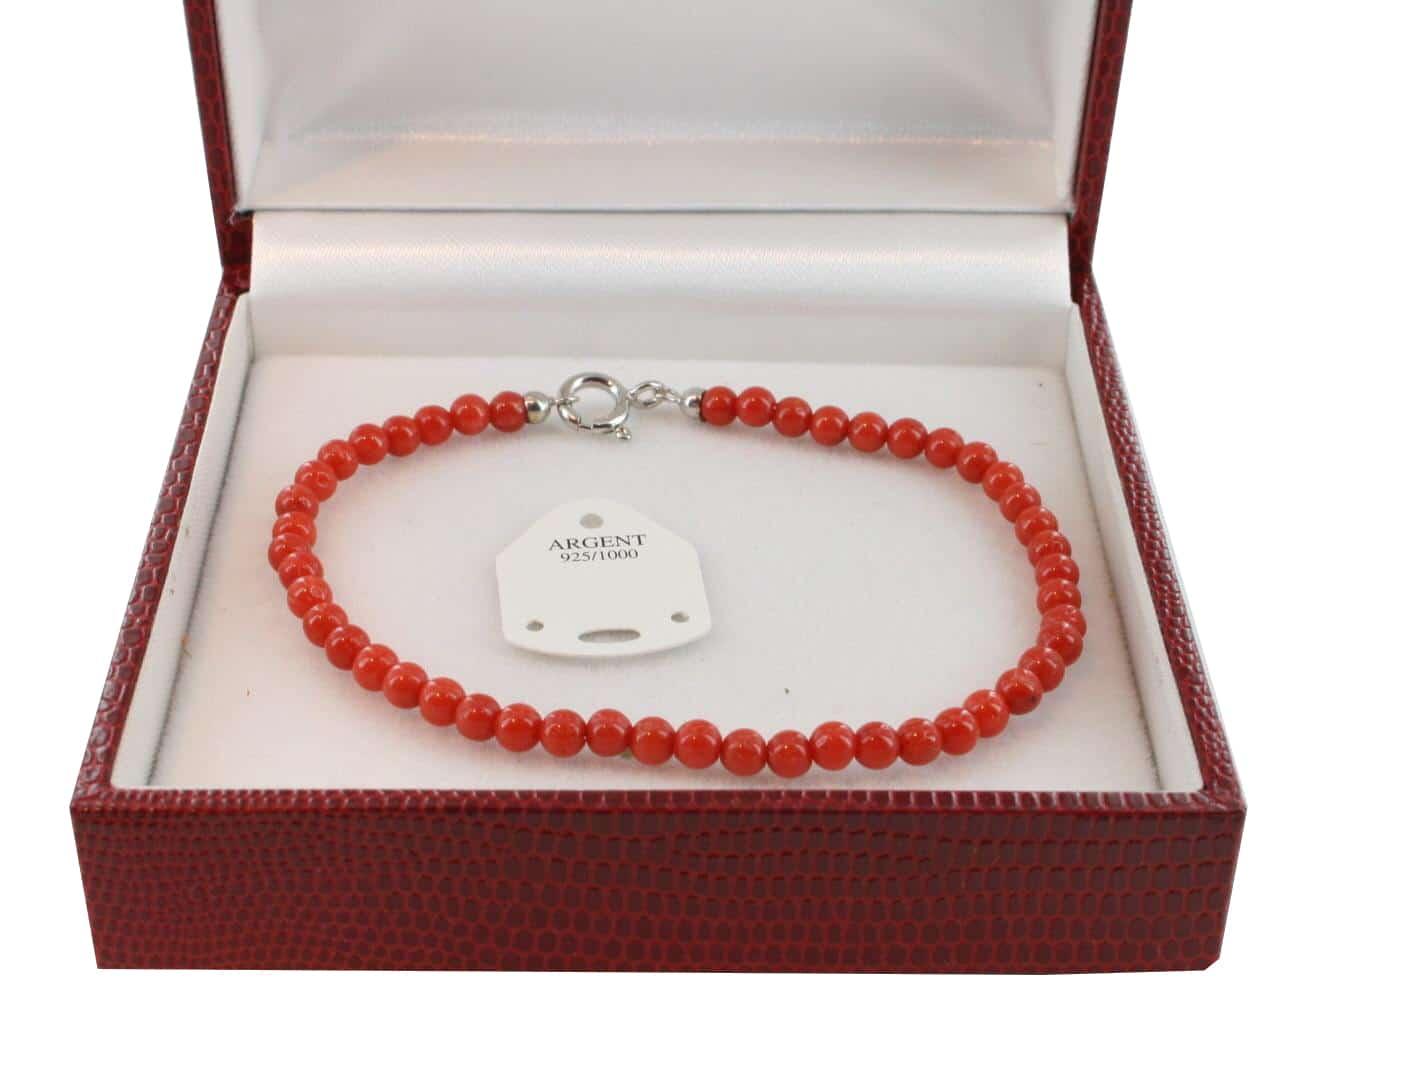 Bracelet en Corail véritable de méditerranée et argent 725 BR-CO-AR-1128